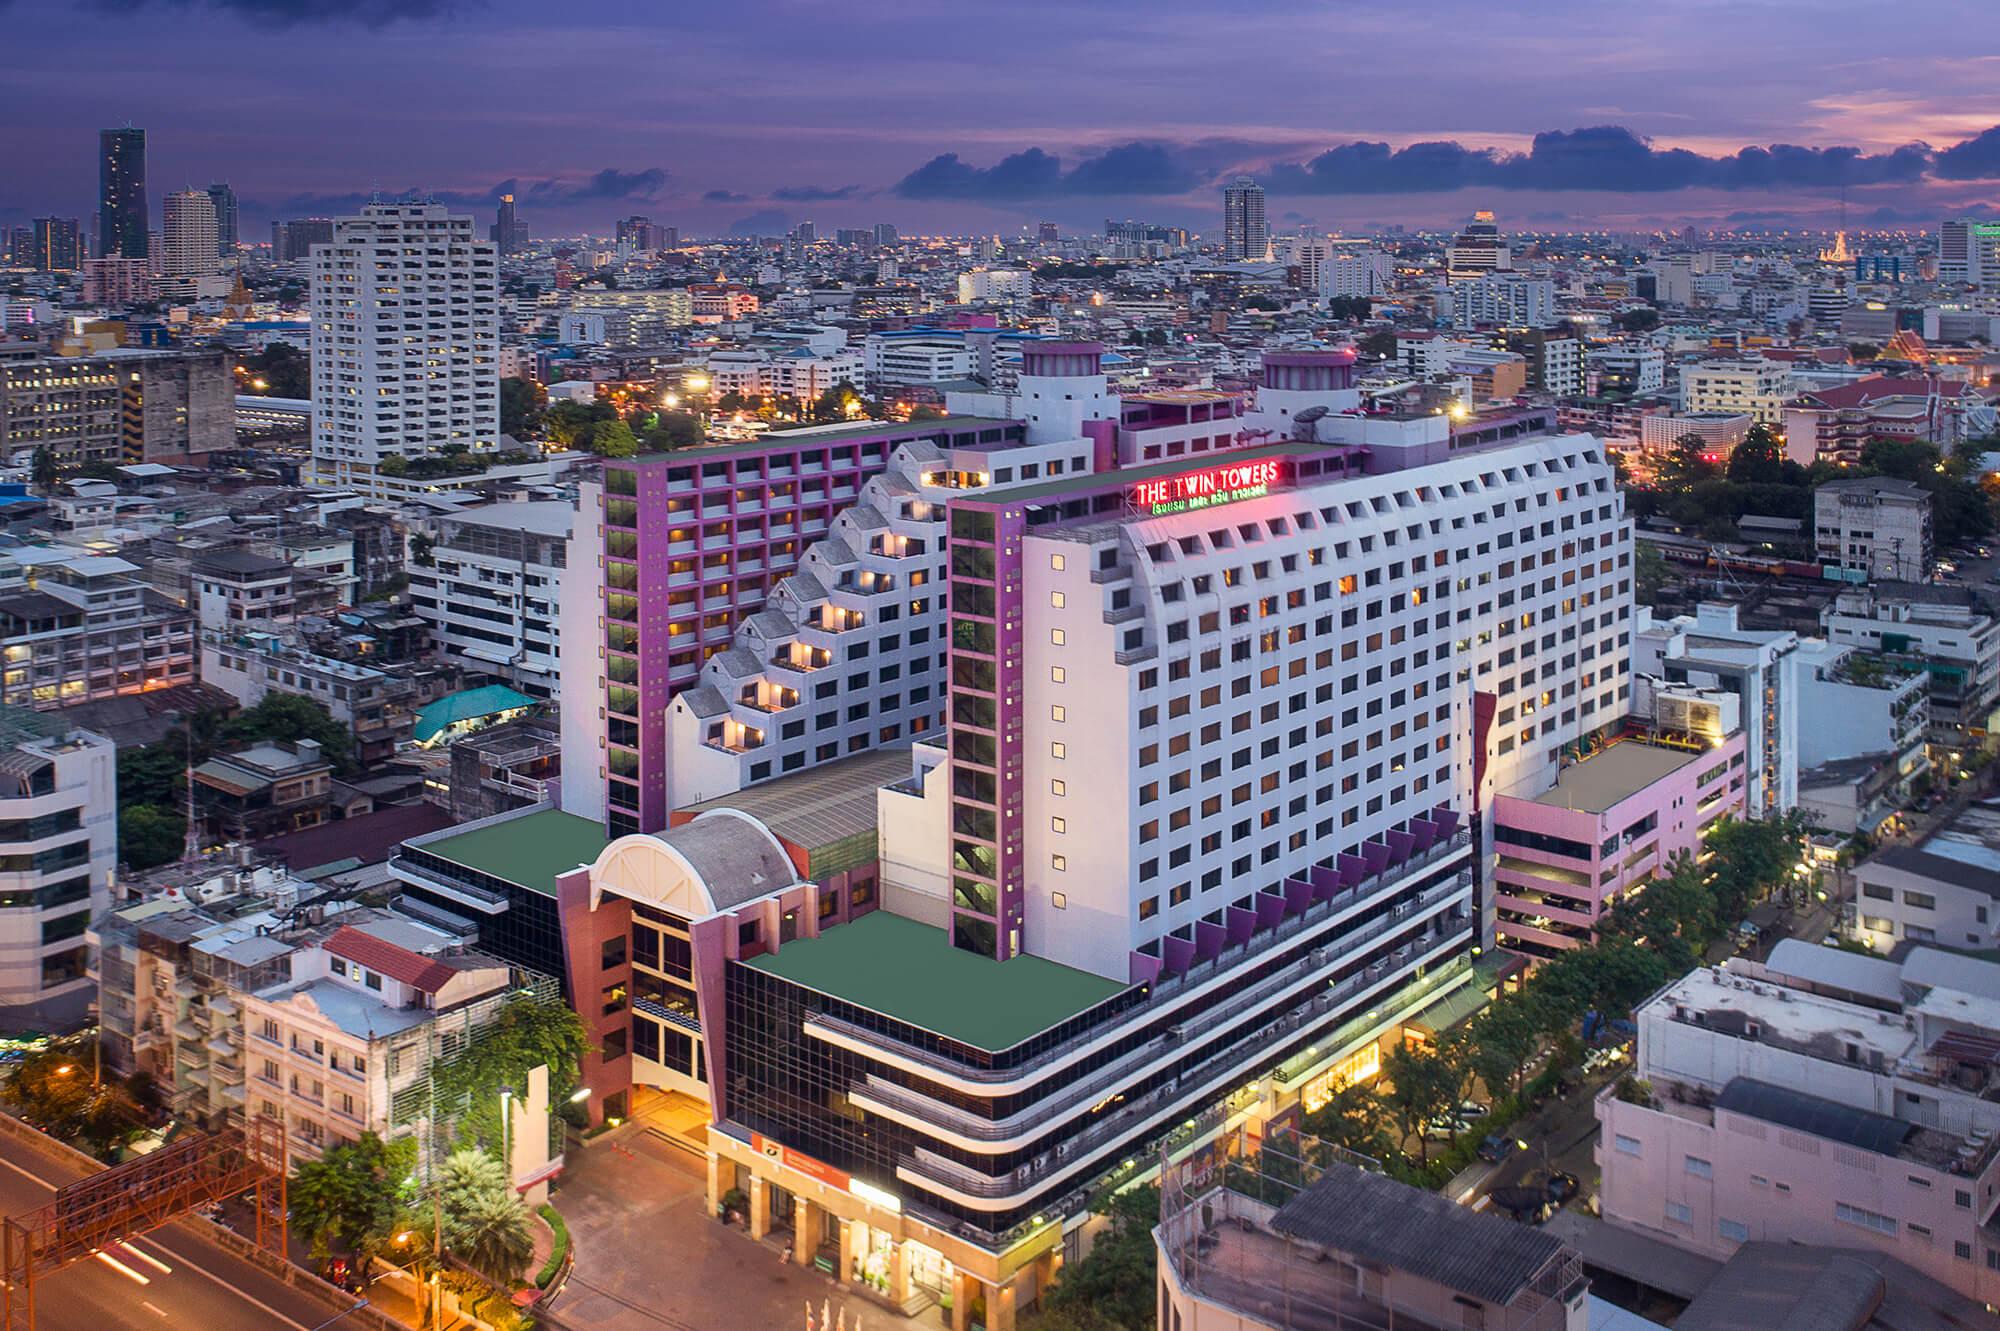 Kinh nghiệm chọn homestay và khách sạn du lịch Thái Lan 8